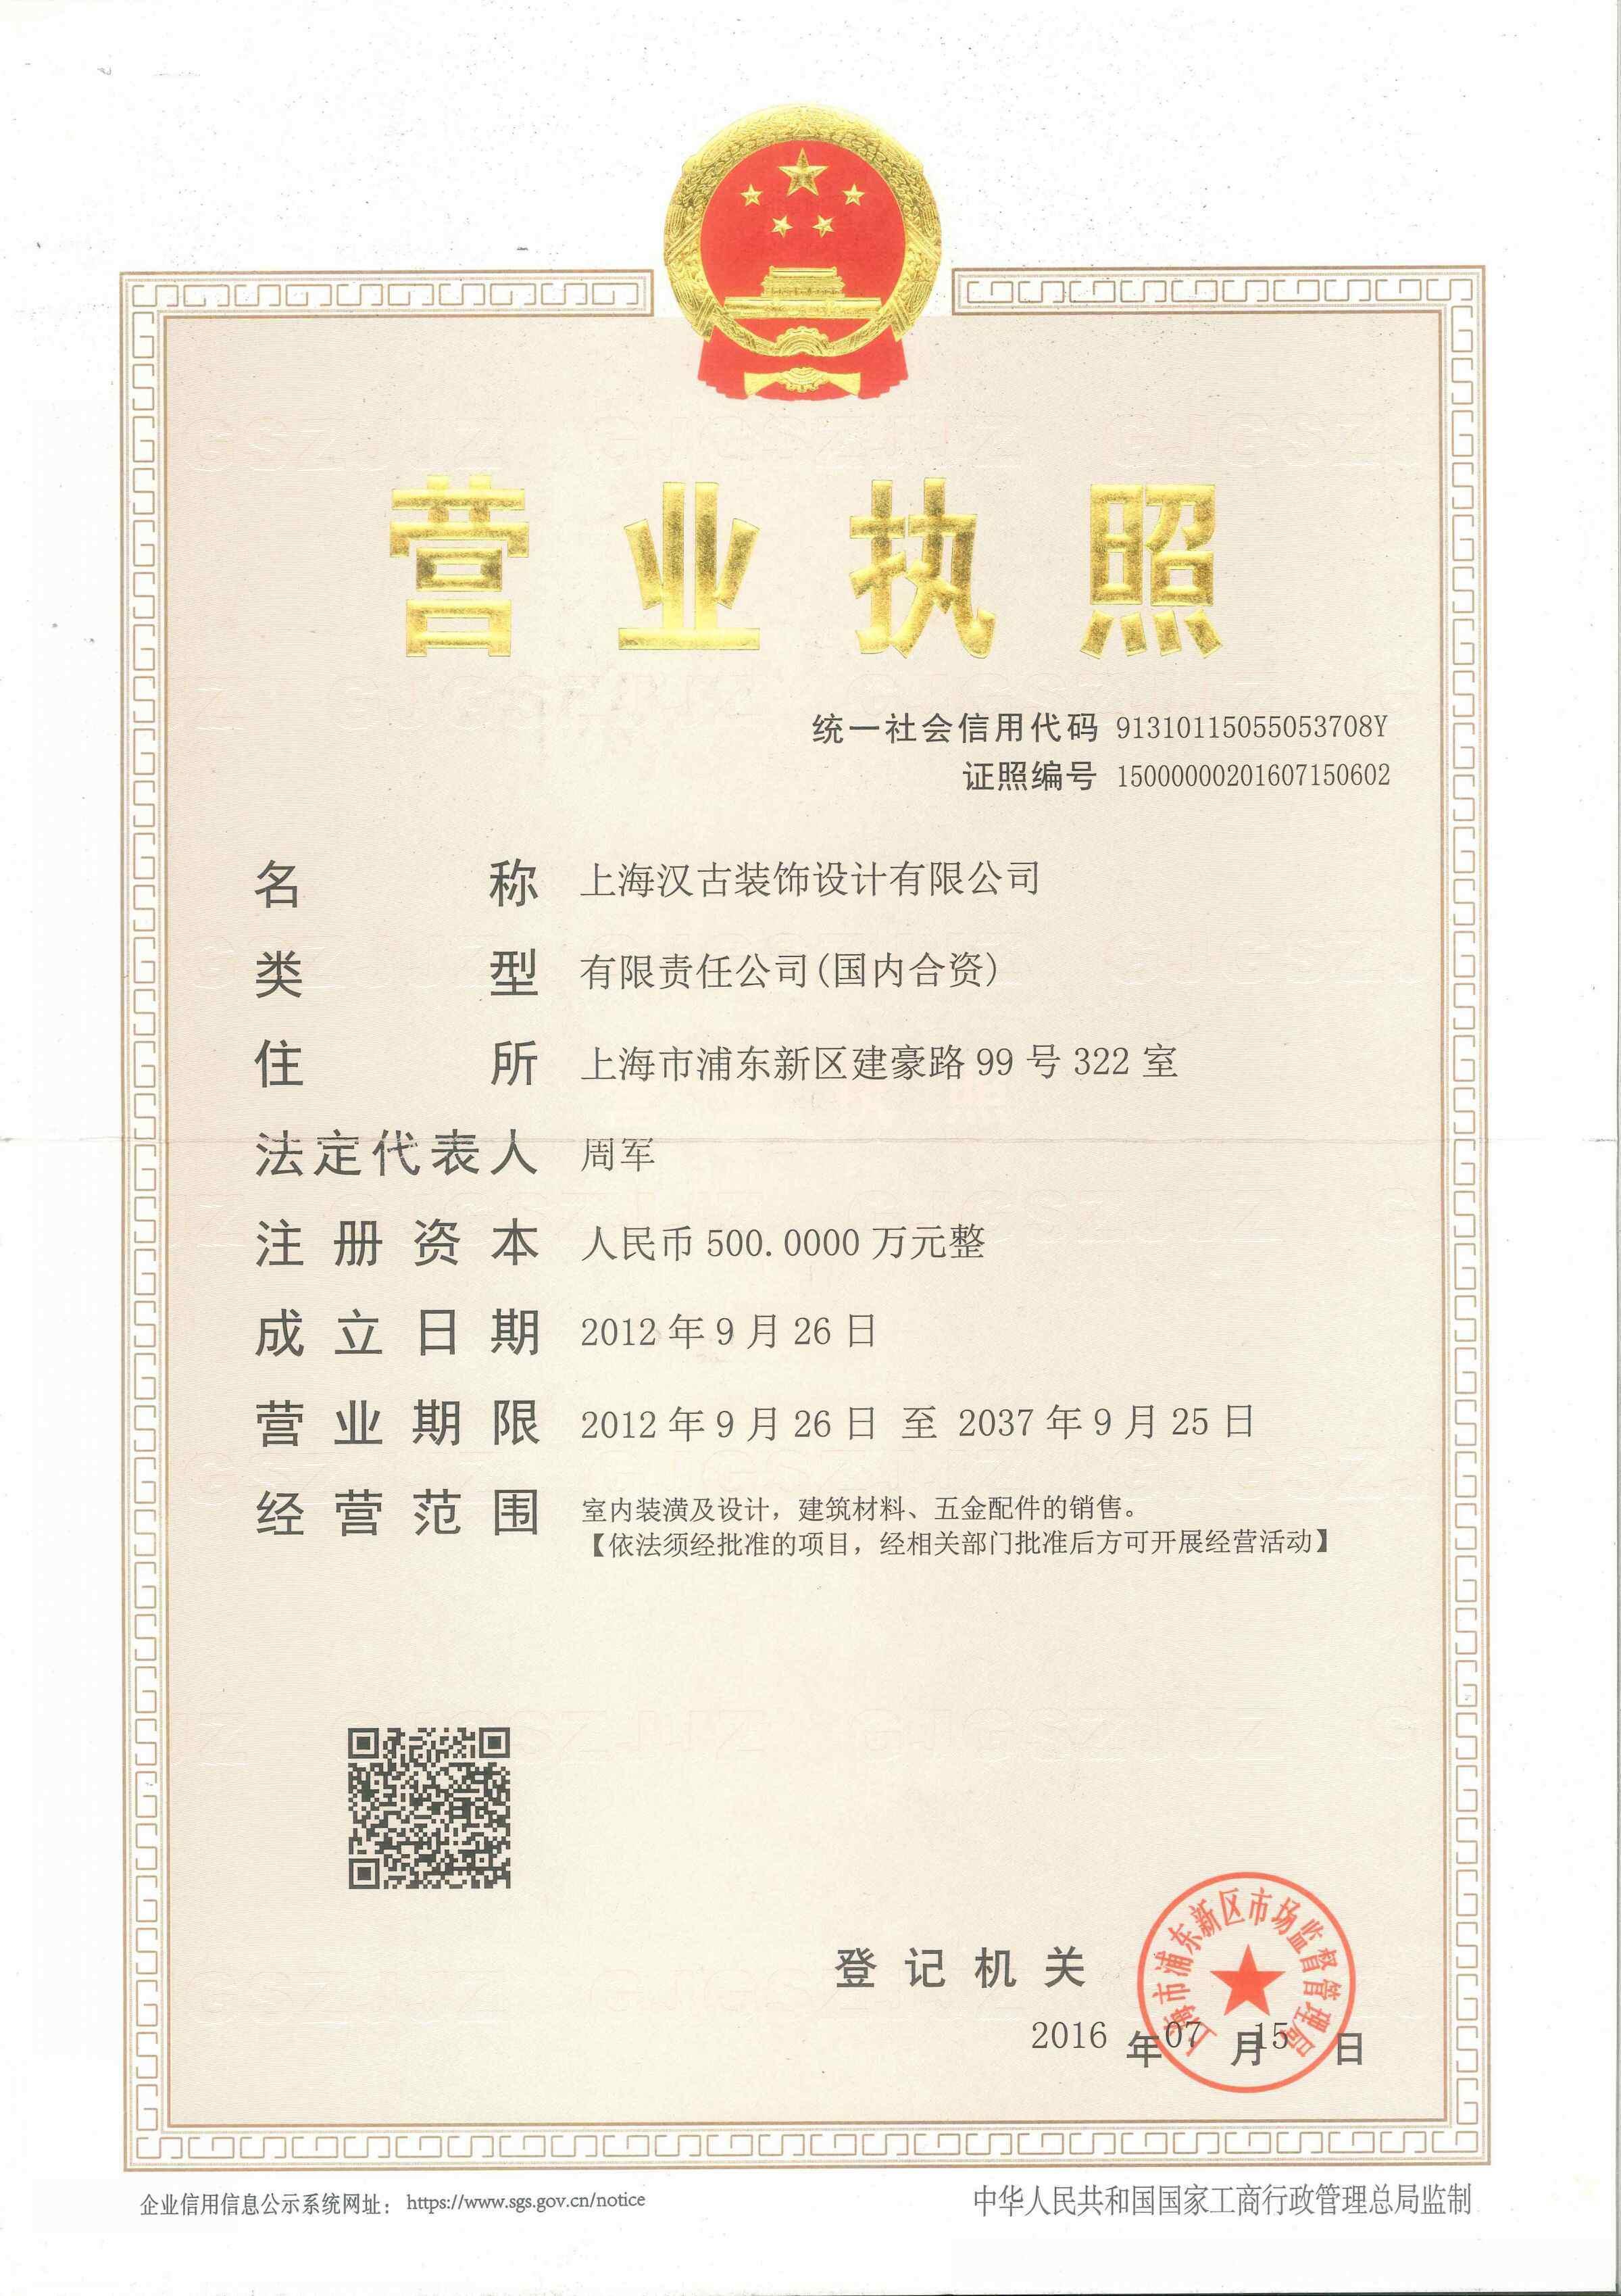 上海汉古装饰设计有限公司